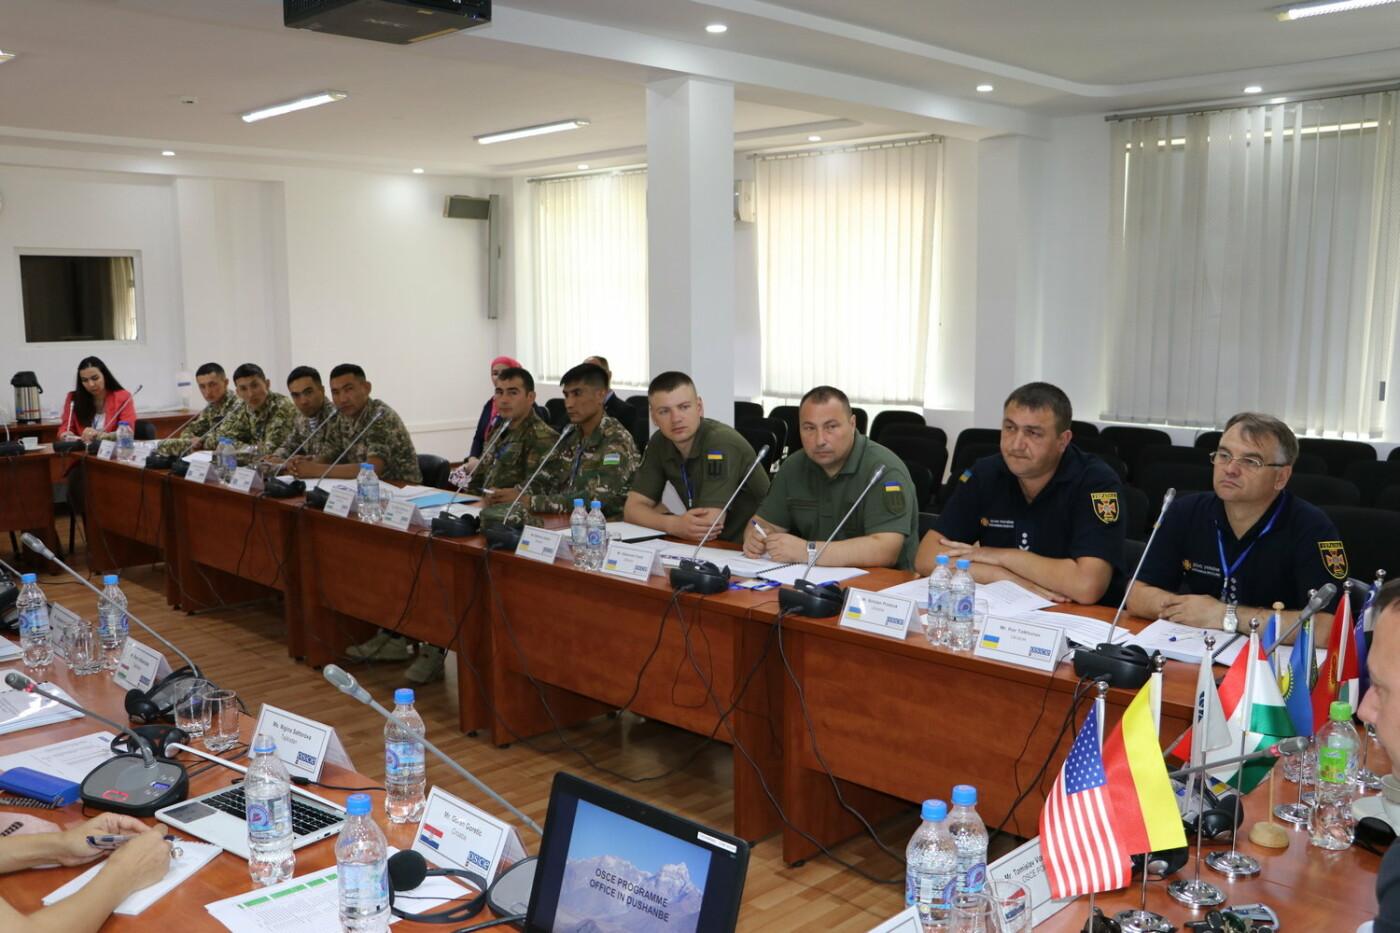 Військовий Центру розмінування пройшов підготовку інструкторів на базі ОБСЄ, фото-2, Фото: Центр розмінування